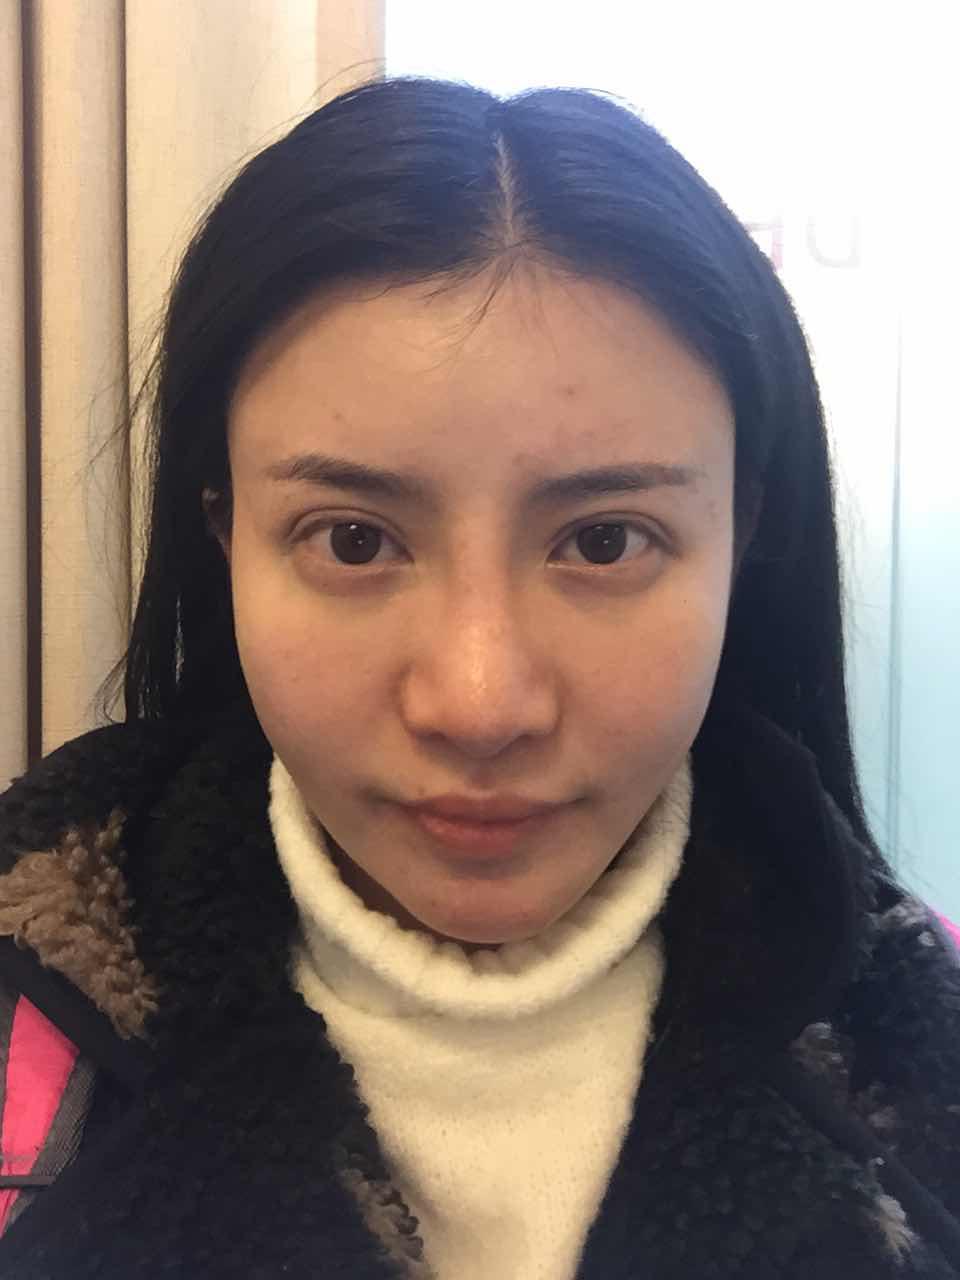 韩国双眼皮修复怎么样,看看我需要整哪里,已经做过2次割双眼皮2次隆鼻